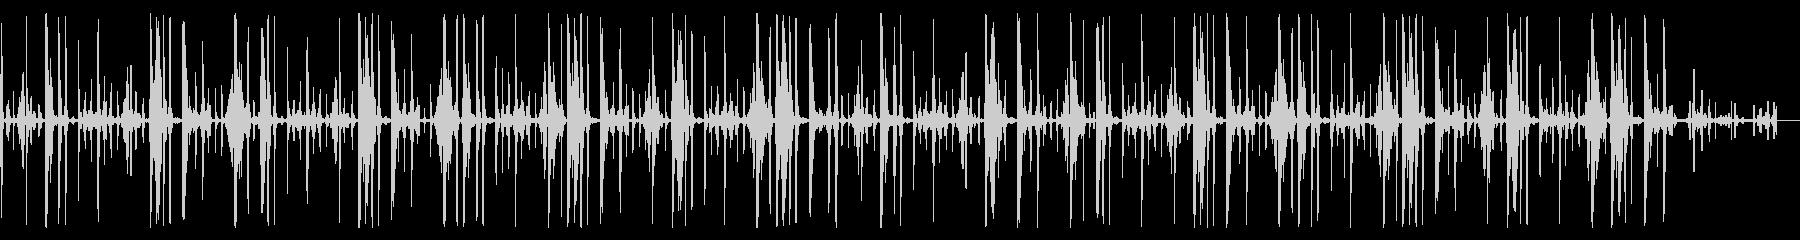 キックなし、119 BPMの未再生の波形